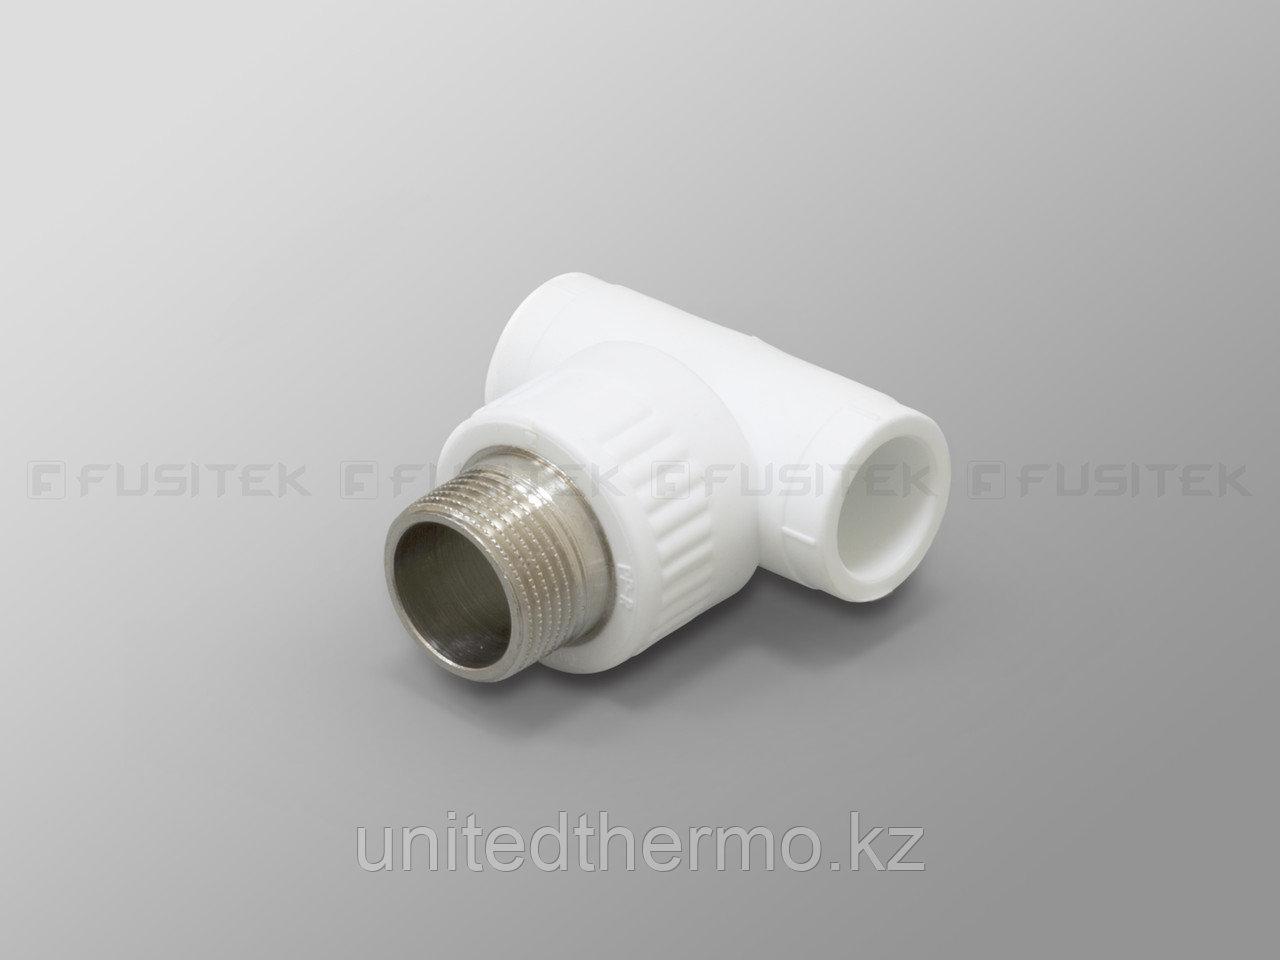 Тройник комбинированный НР 20Х1/2 Fusitek